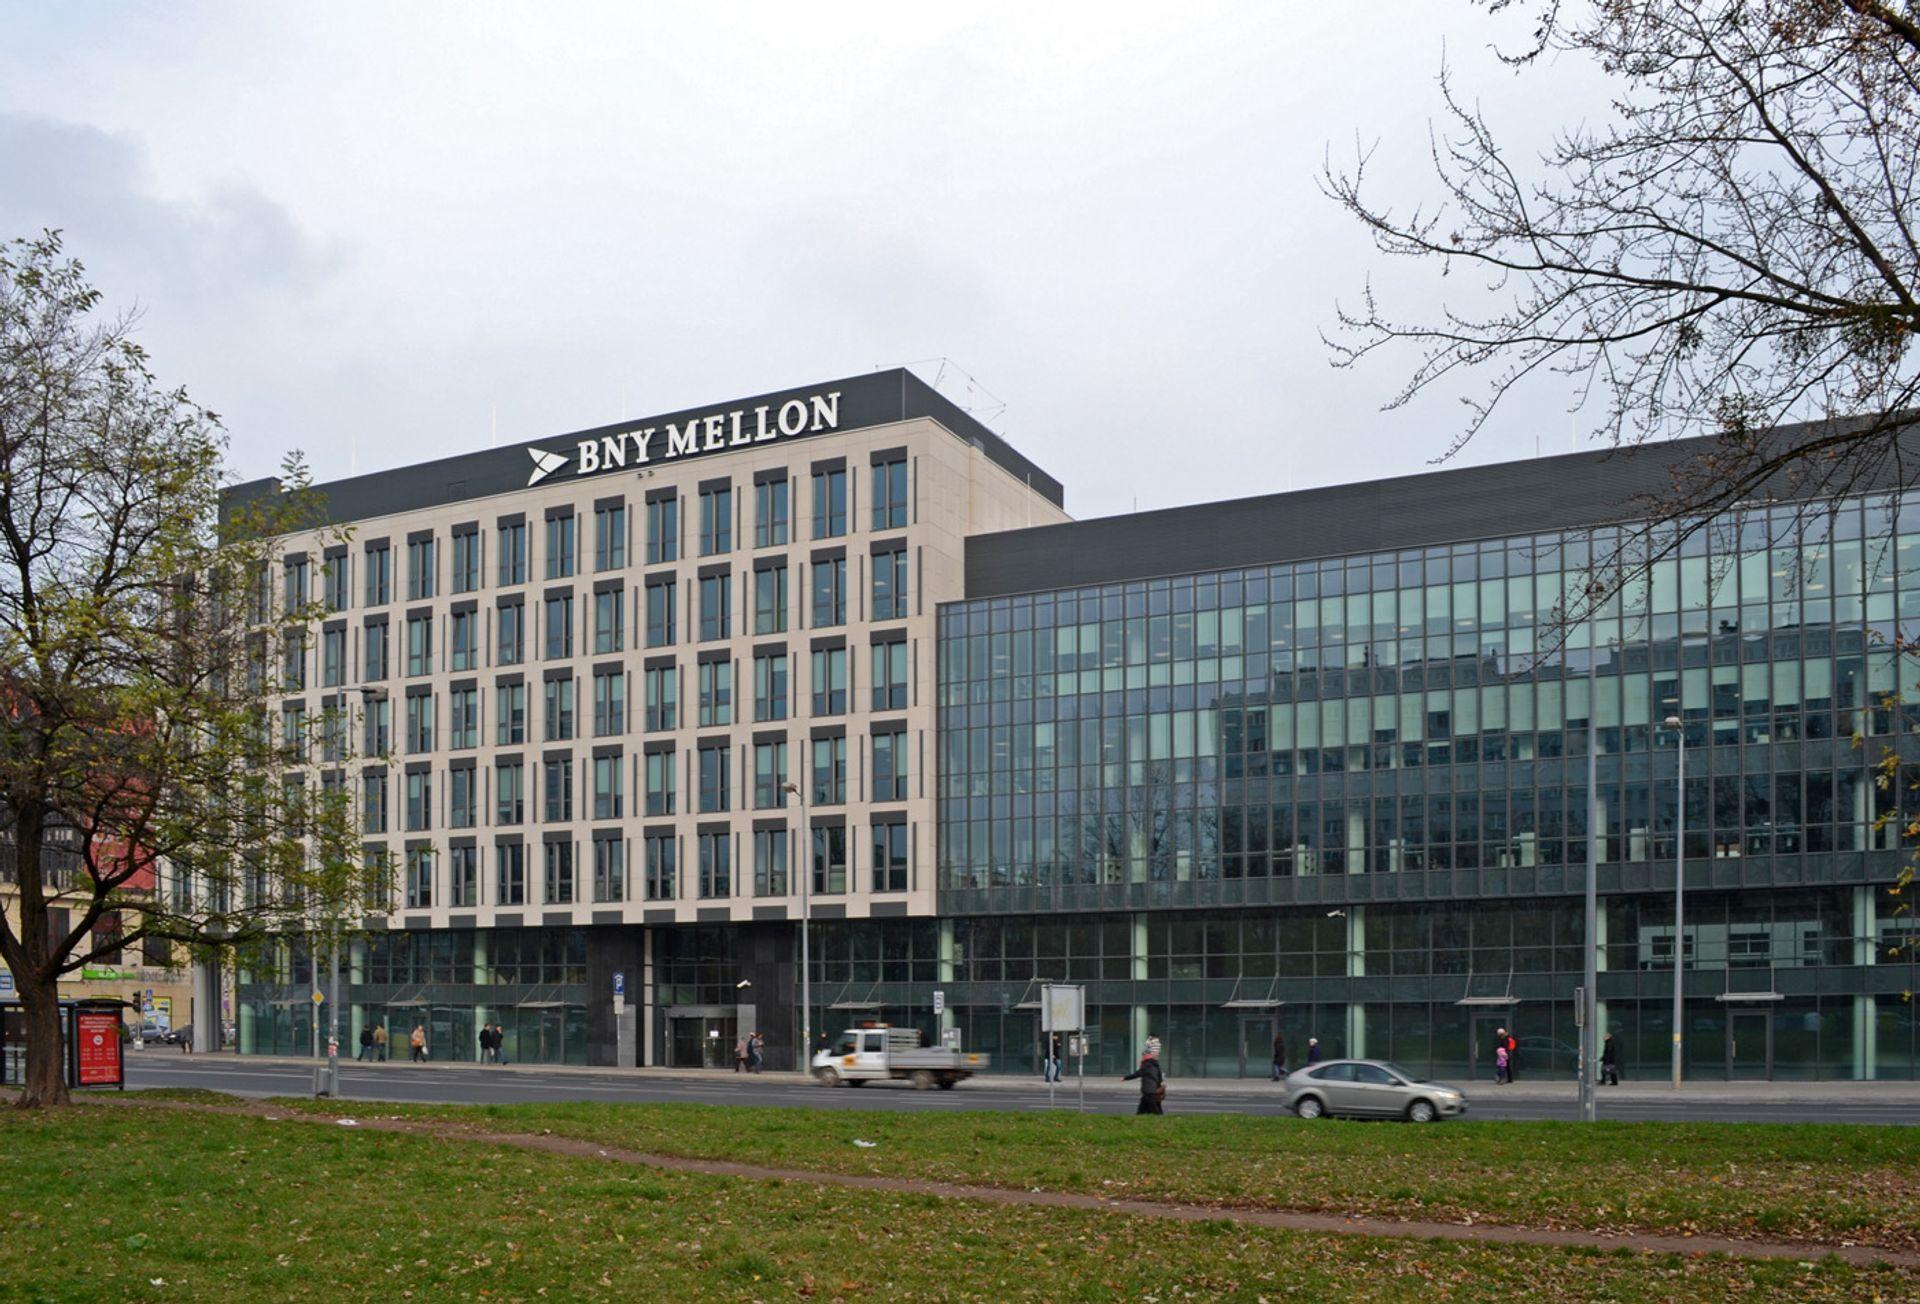 Amerykański BNY Mellon zwiększa zatrudnienie w swoim centrum we Wrocławiu